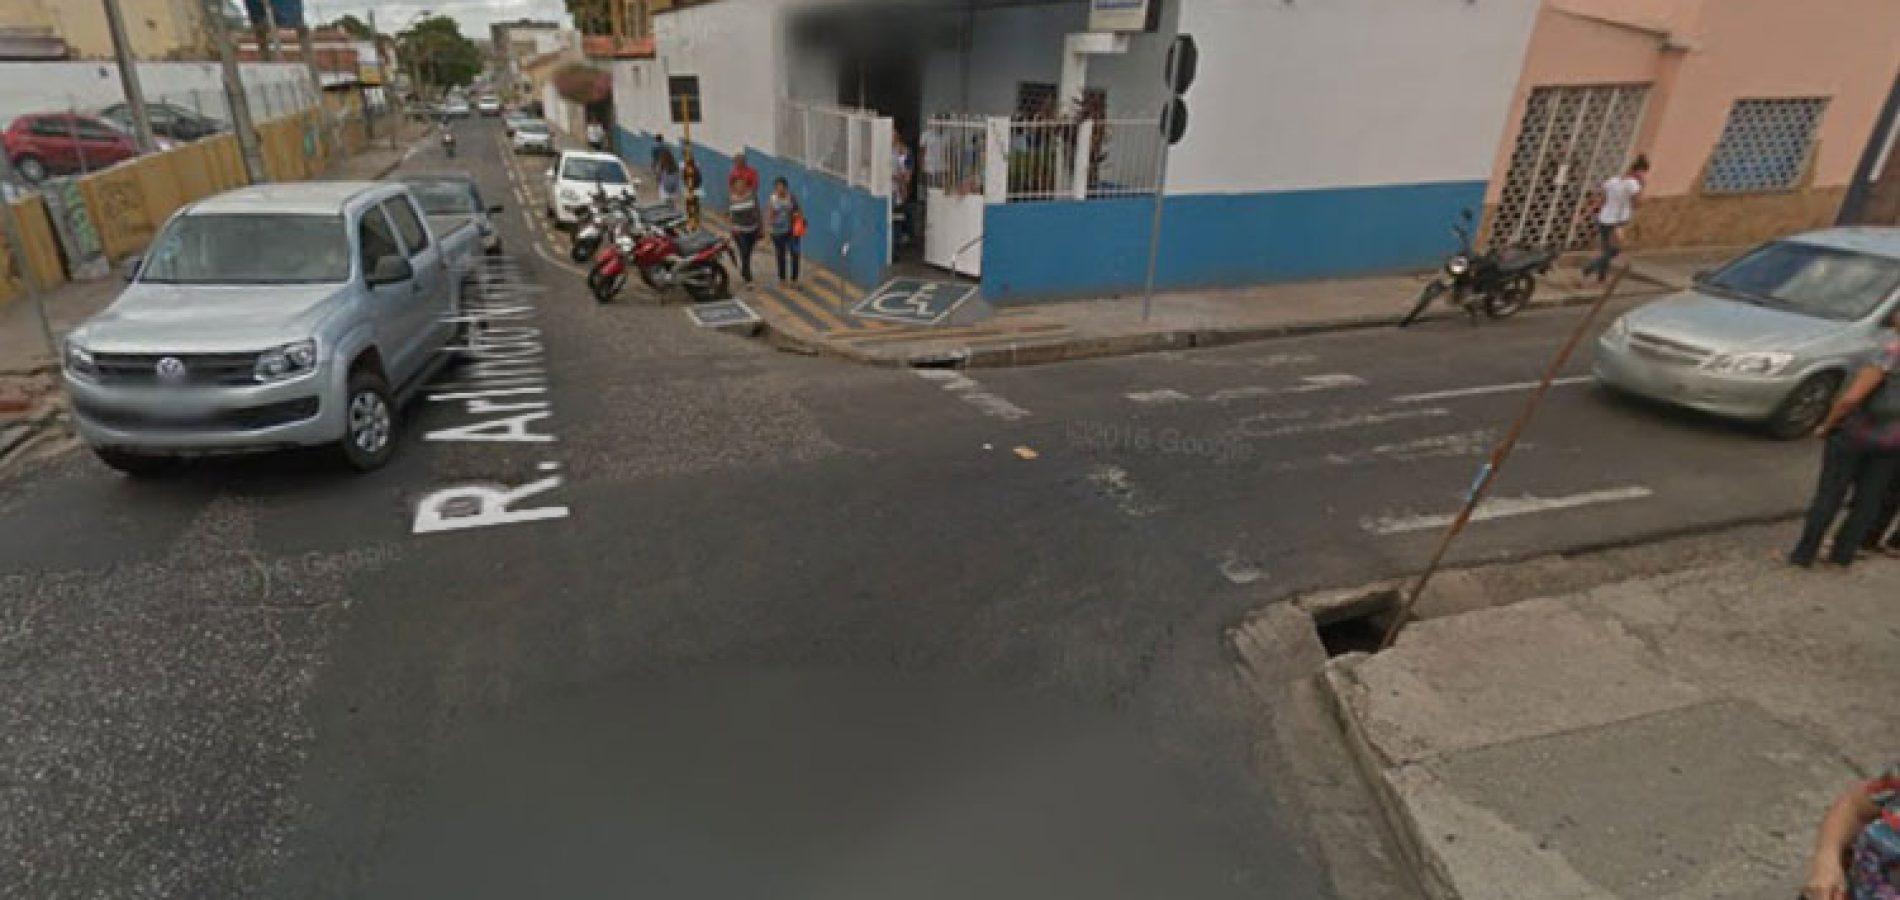 Estudante de cursinho é alvejado com tiro na cabeça no Piauí